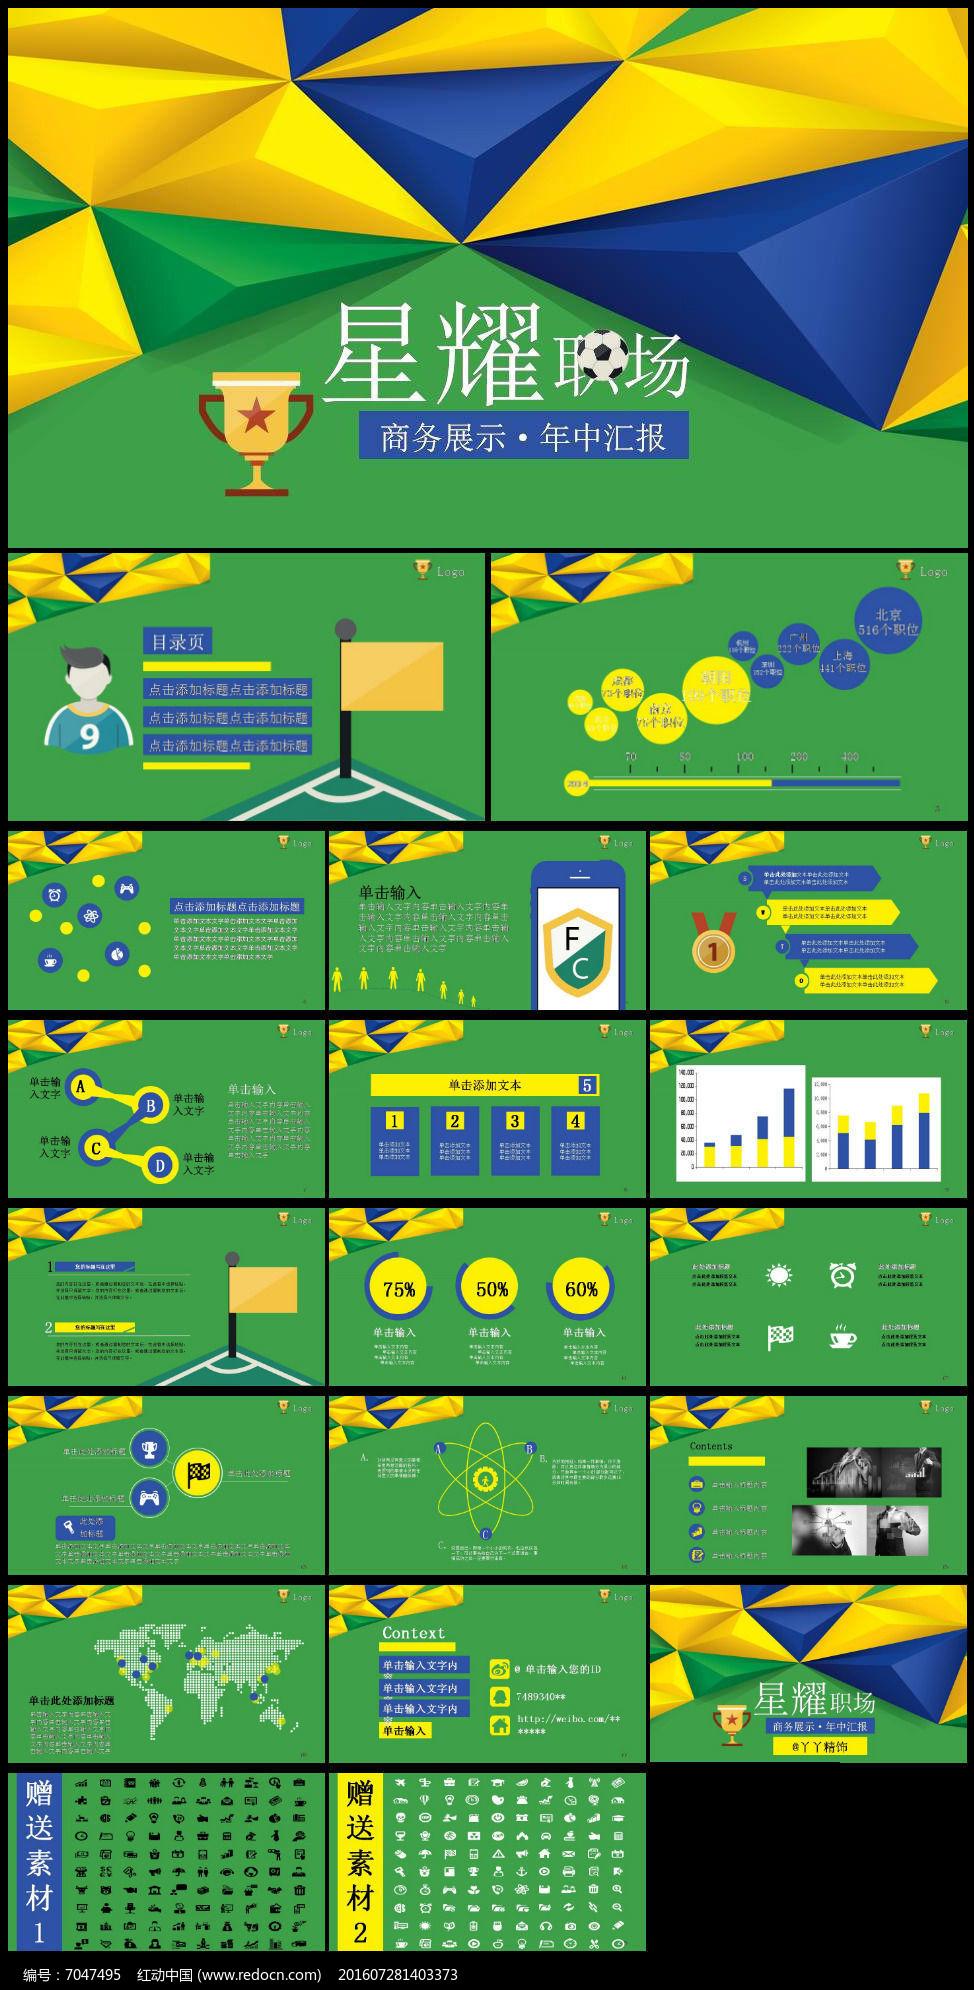 足球场风格商务展示年终汇报商业创业计划ppt图片